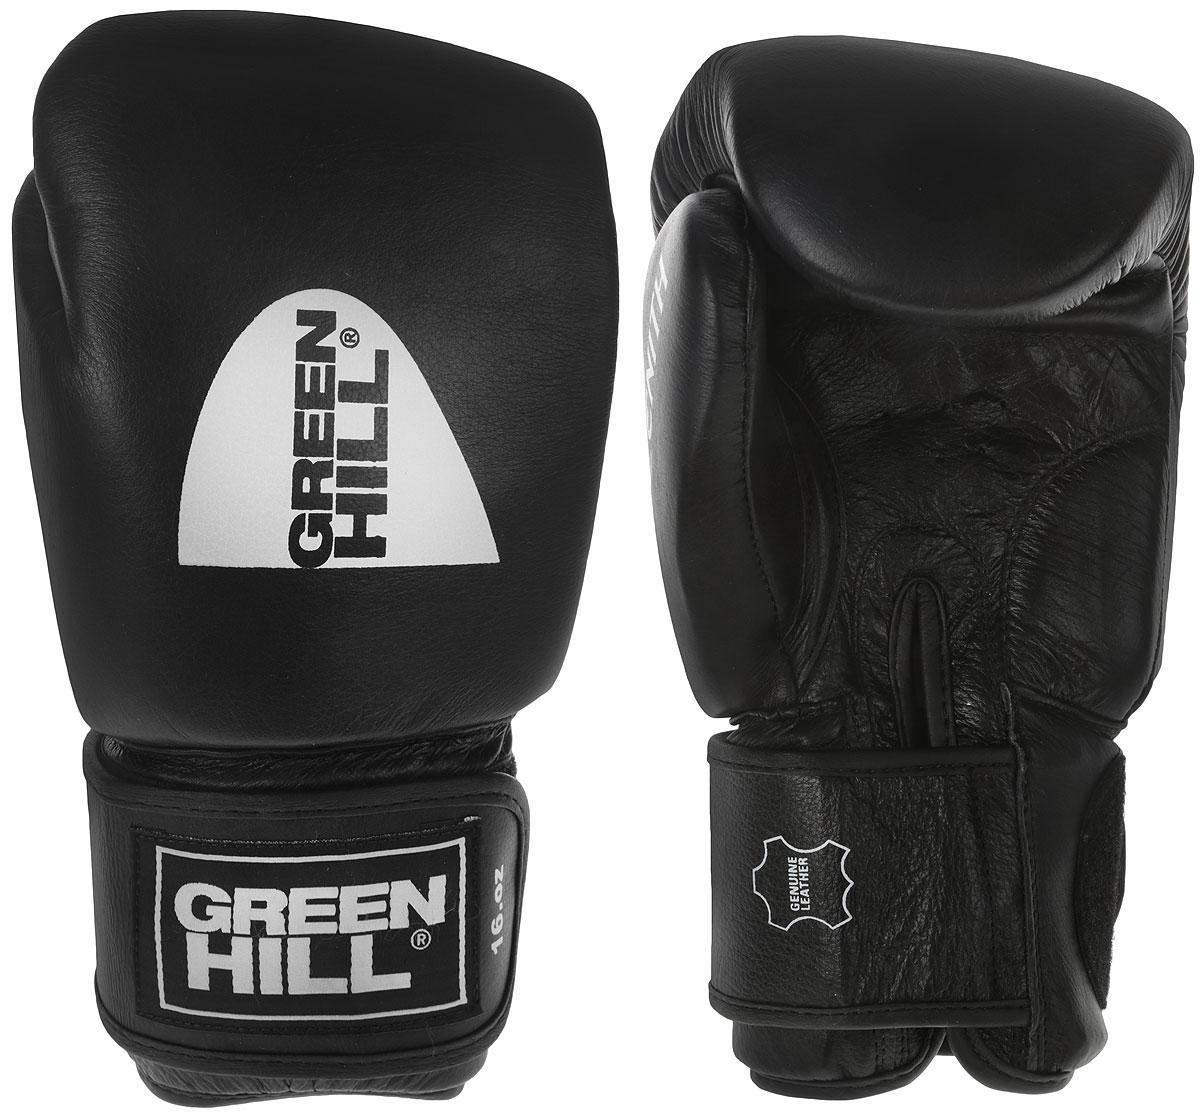 Перчатки боксерские Green Hill Zenith, цвет: черныйBGZ-2017Боксерские перчатки Green Hill Zenith разработаны специально для тайского бокса.Перчатки имеют превосходную посадку на руке и характерную для данных видов спорта форму. Выполнены из натуральной коровьей кожи. Наполнитель перчаток - комбинированная полимерная структура ручной работы из менее плотного внешнего и более плотного внутреннего слоя.Особенности:- Тренировочные боксерские перчатки с манжетой на липучке.- Натуральная коровья кожа.- Многослойный наполнитель ручной работы.Вес 16 унций.